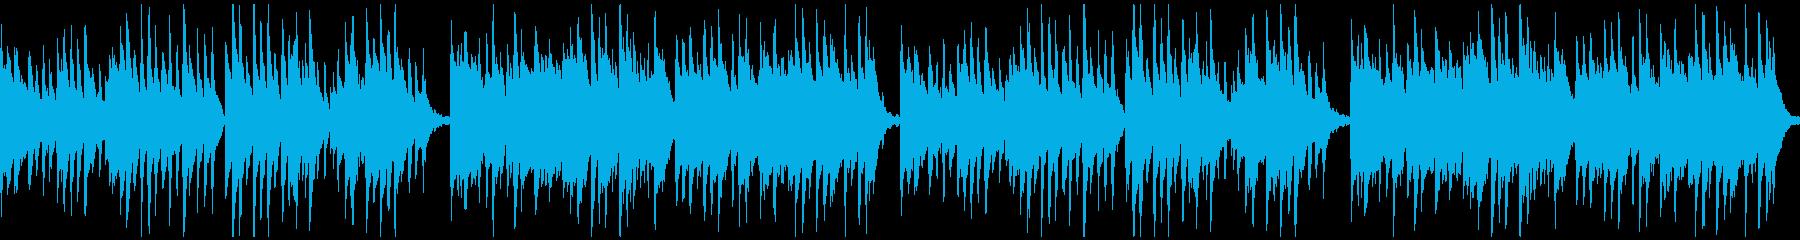 優しく、どこか儚い和風のピアノ曲:ループの再生済みの波形